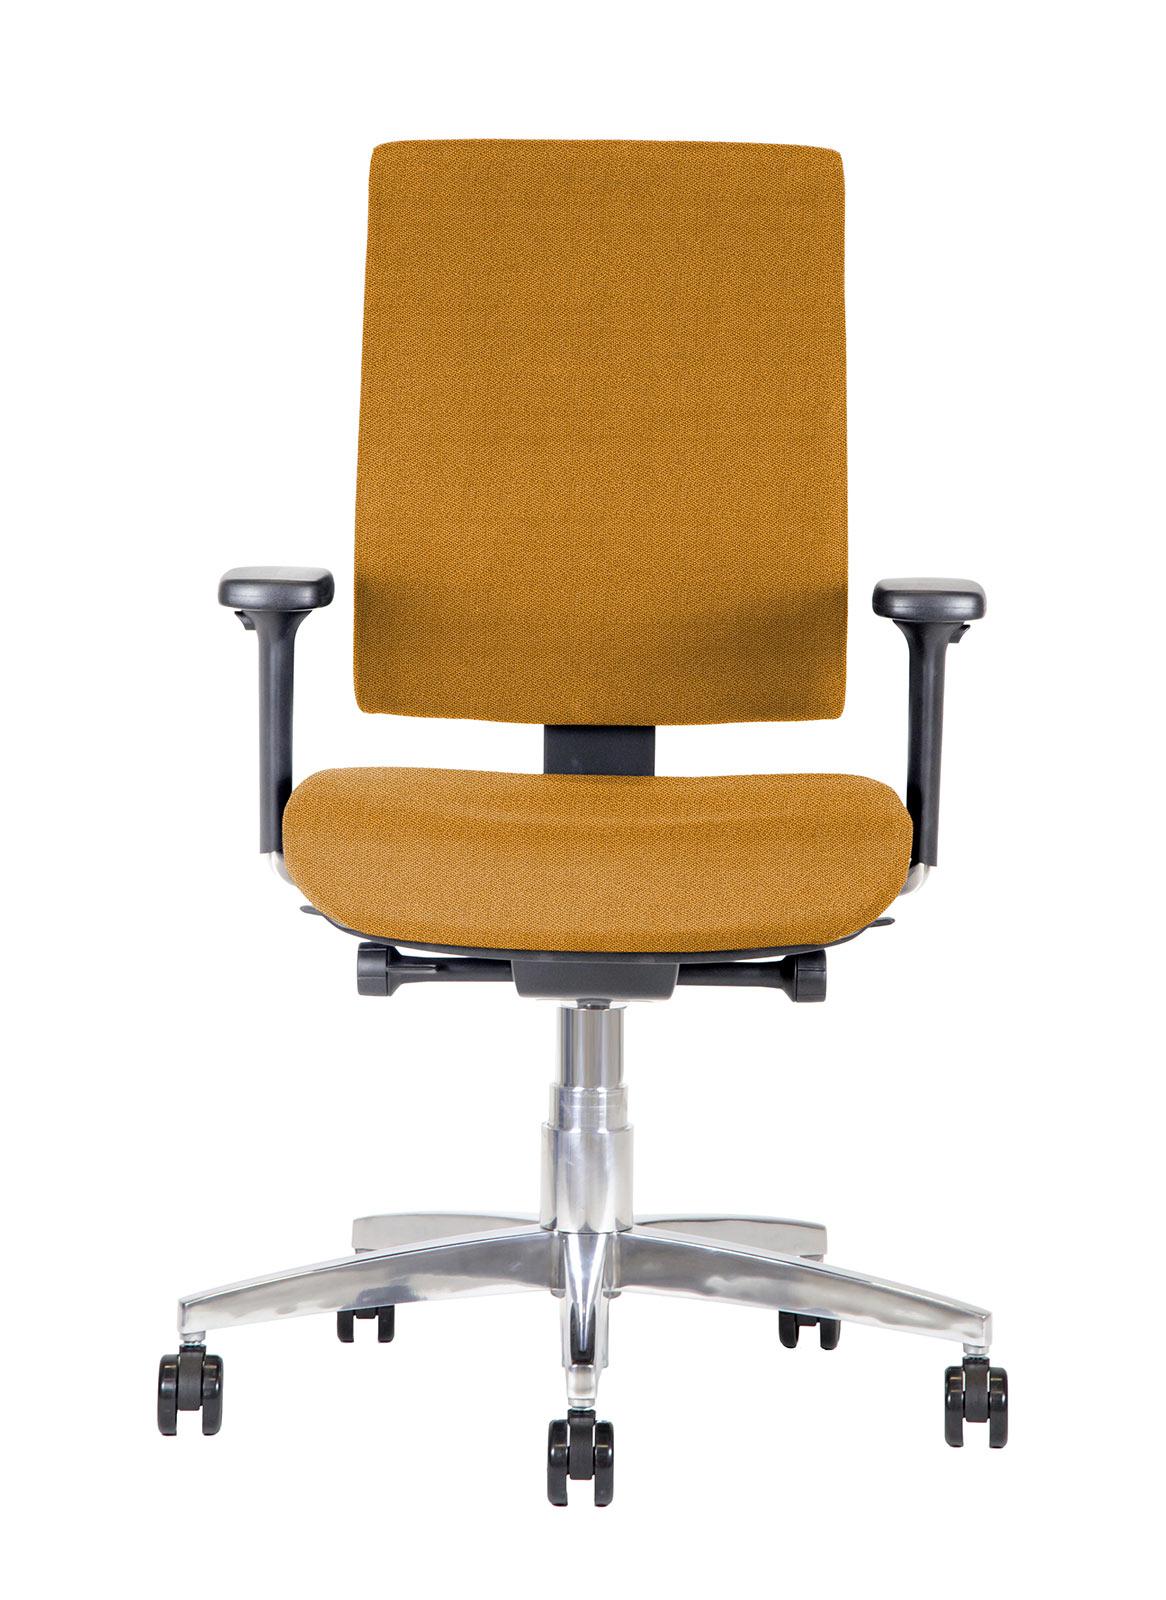 Bb125 sedia da ufficio girevole kleos compositeur d 39 espace for Sedia ufficio alta